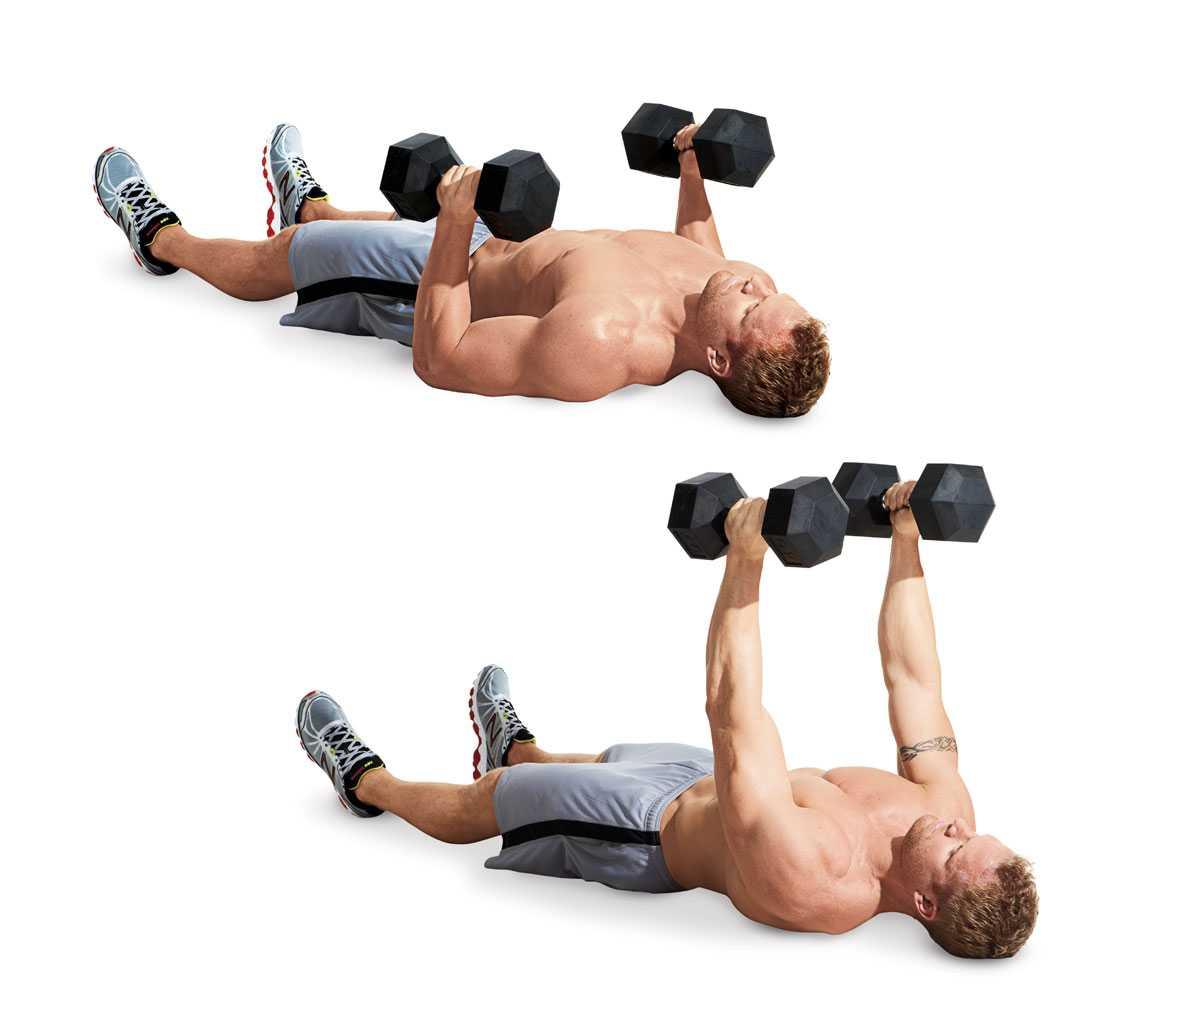 Пуловер - упражнение для развития грудных и широчайших мышц спины